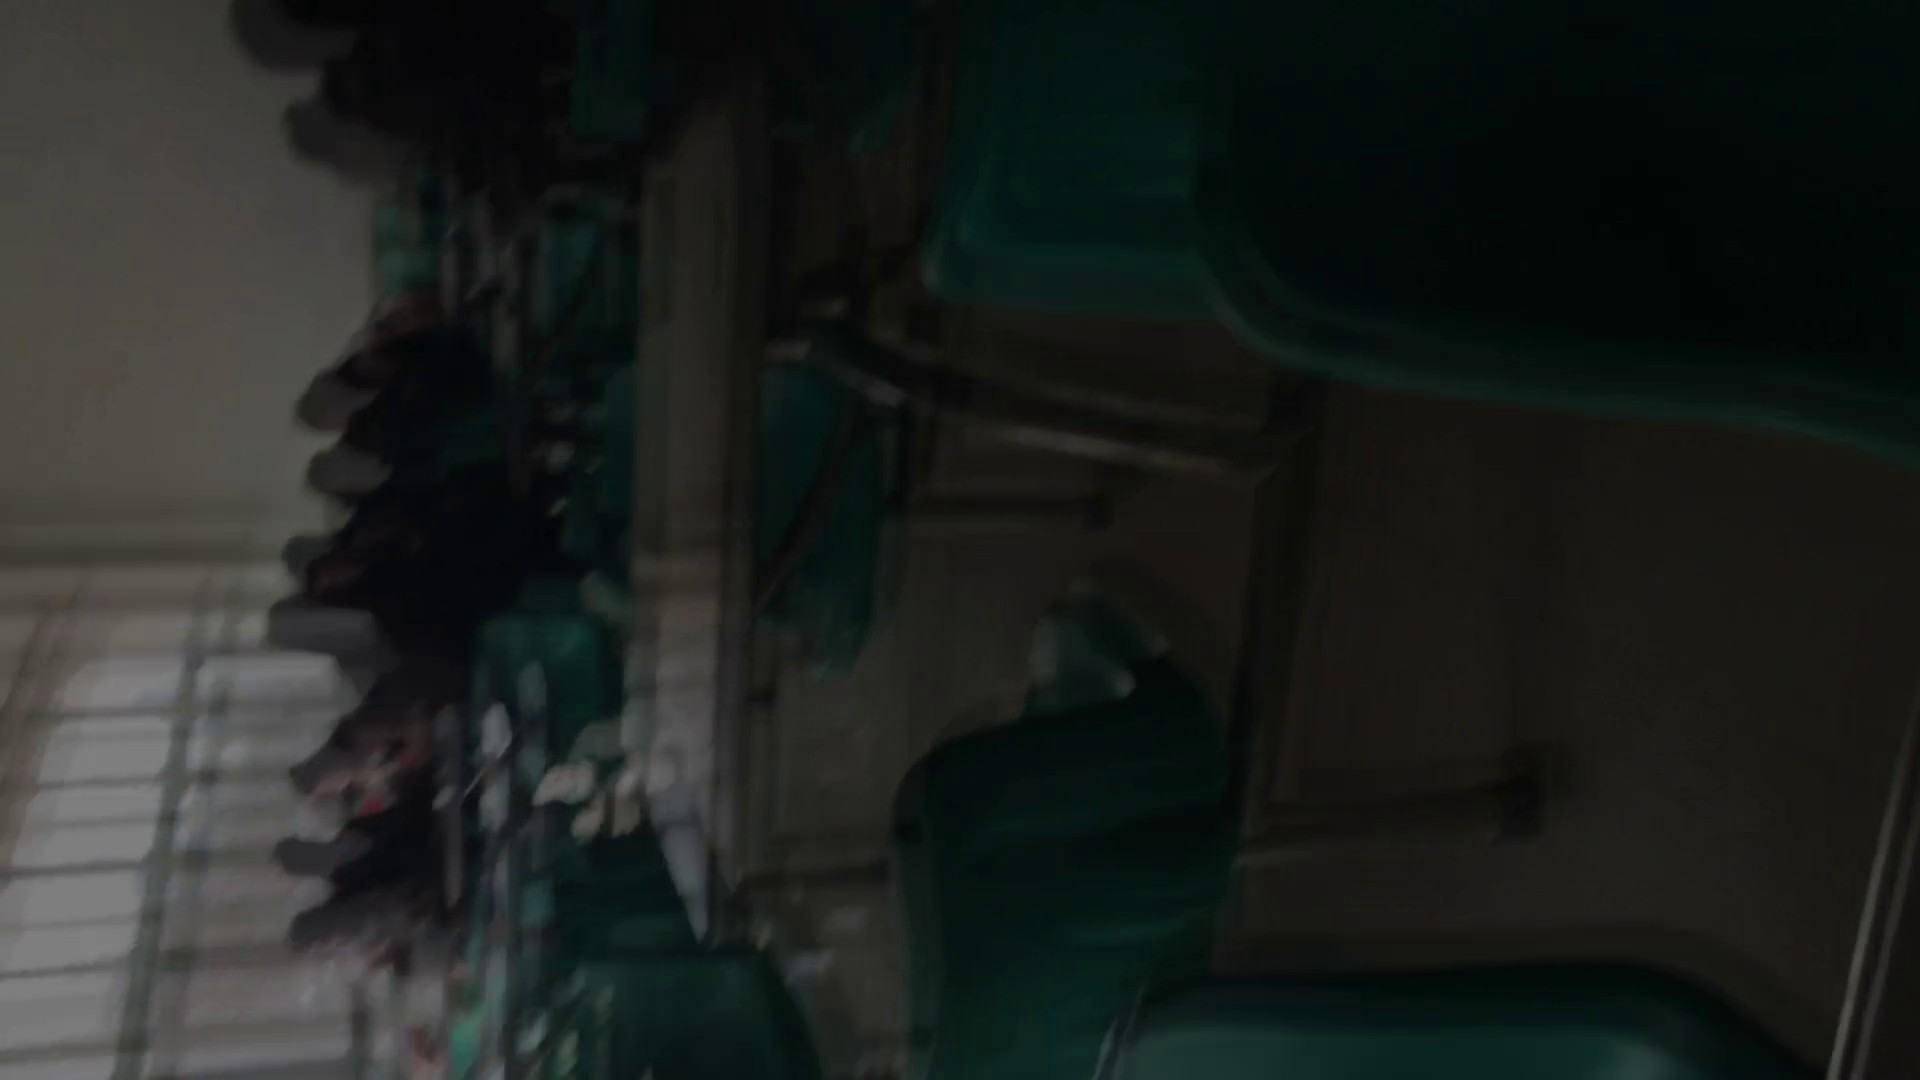 無修正エロ動画|芸術大学ガチ潜入盗撮 JD盗撮 美女の洗面所の秘密 Vol.83|怪盗ジョーカー